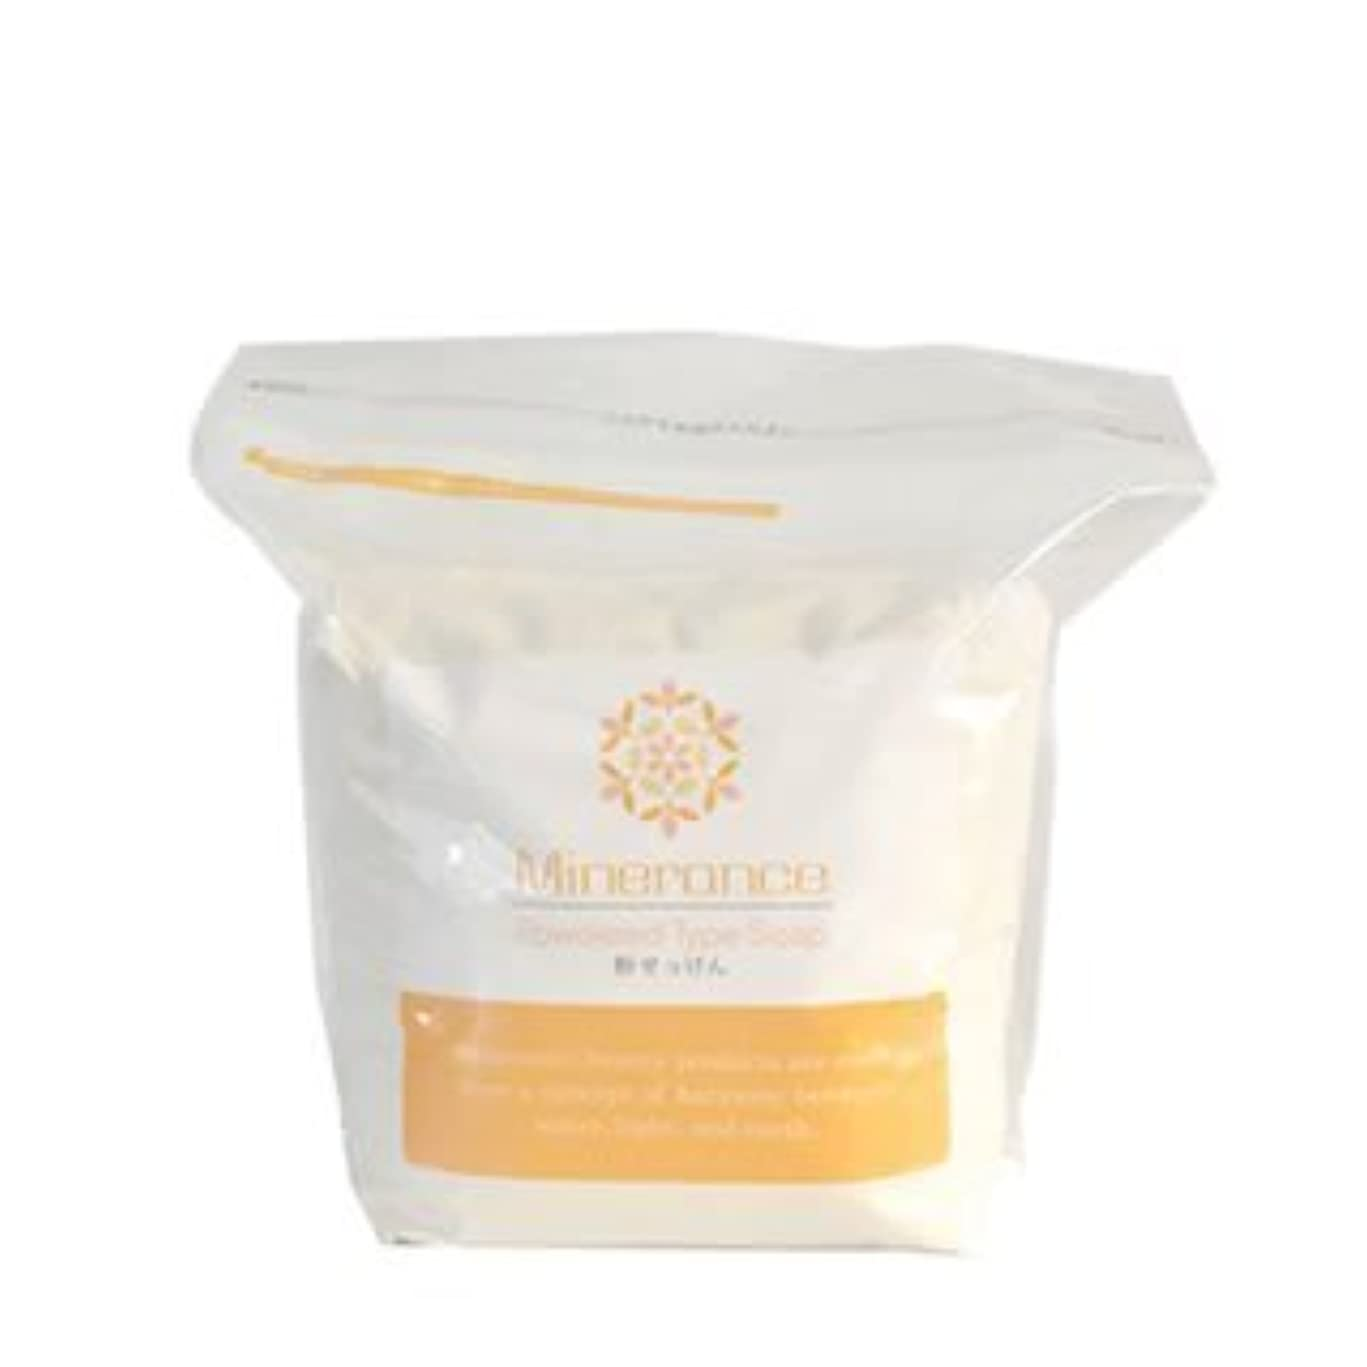 自発的排除するクックミネランス 粉石鹸 1kg 詰め替え用